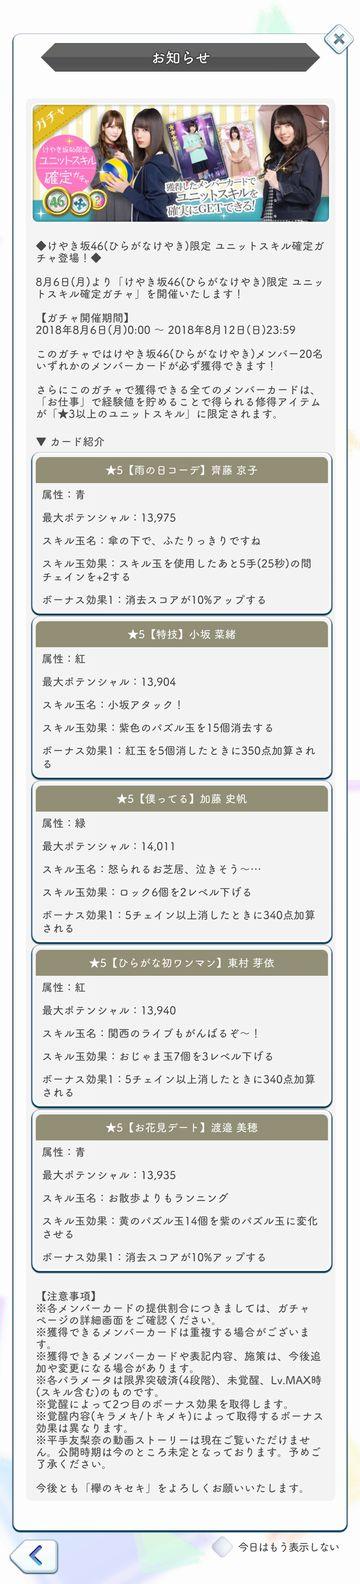 00 ユニットスキル確定ガチャ(けやき坂46) 詳細